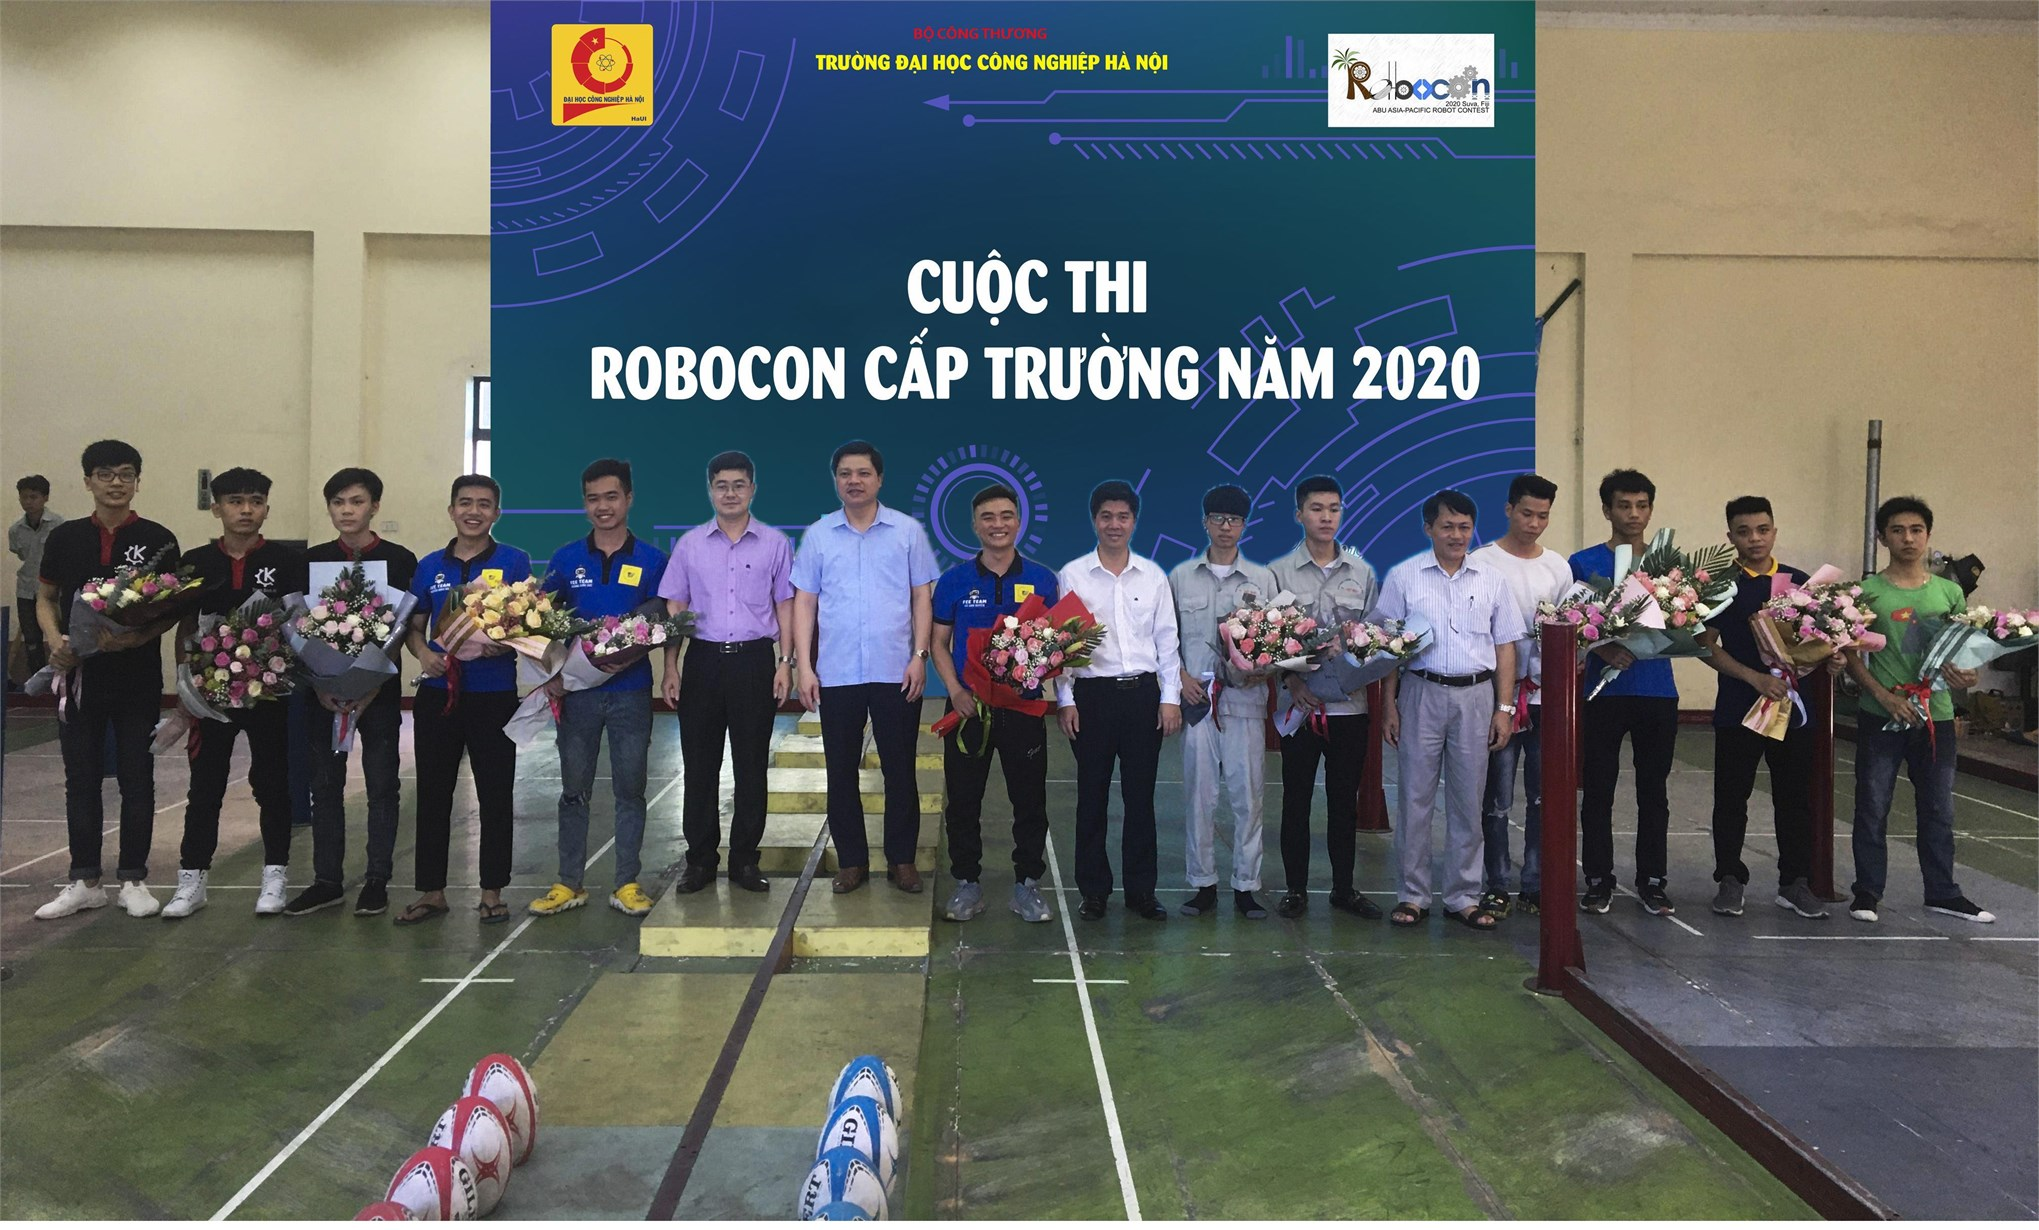 Đội ĐT-03 khoa Điện tử đạt giải Nhất cuộc thi robocon cấp Trường